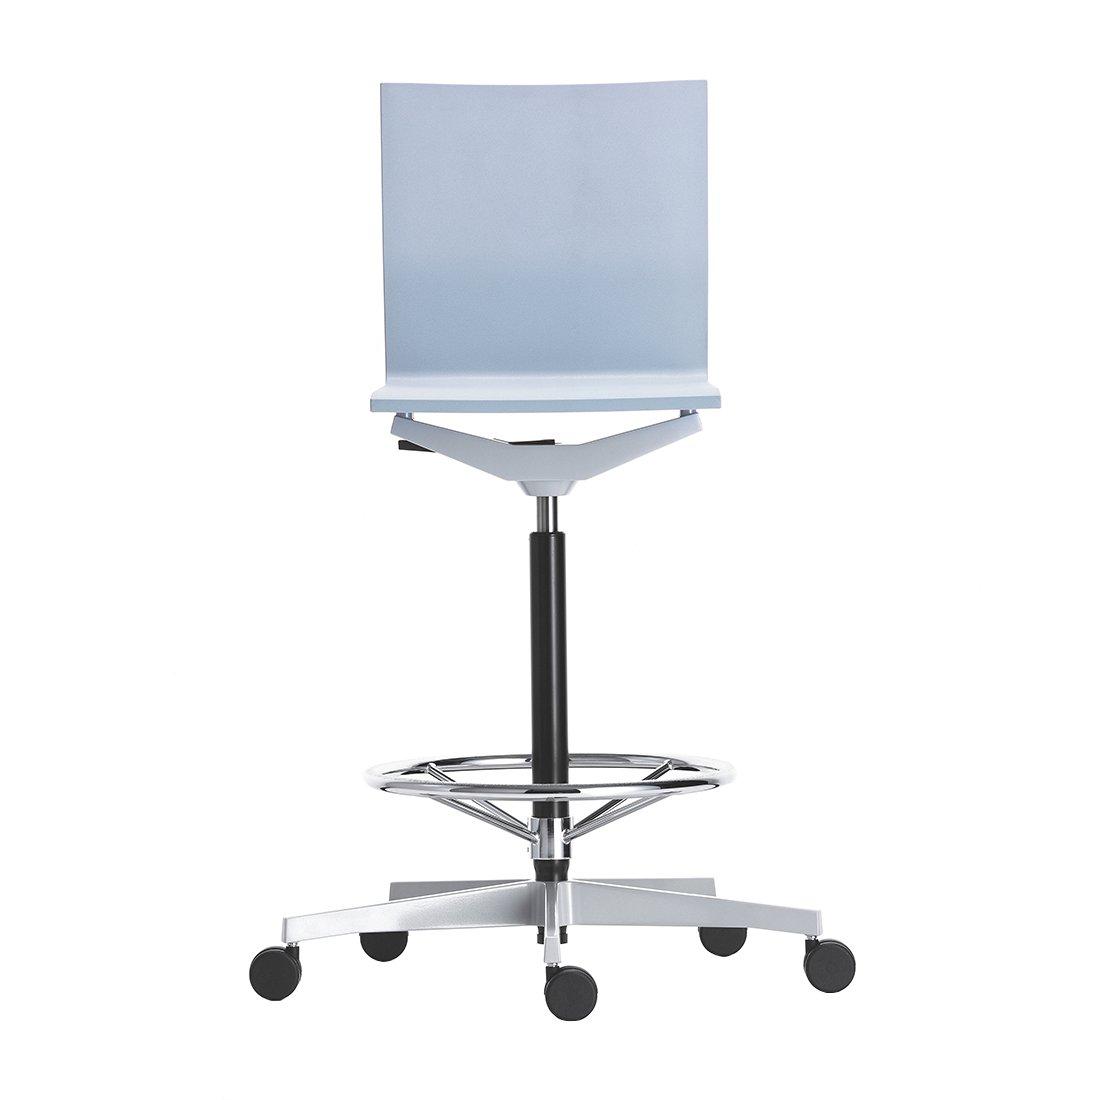 Vitra 04 Counter Bureaustoel